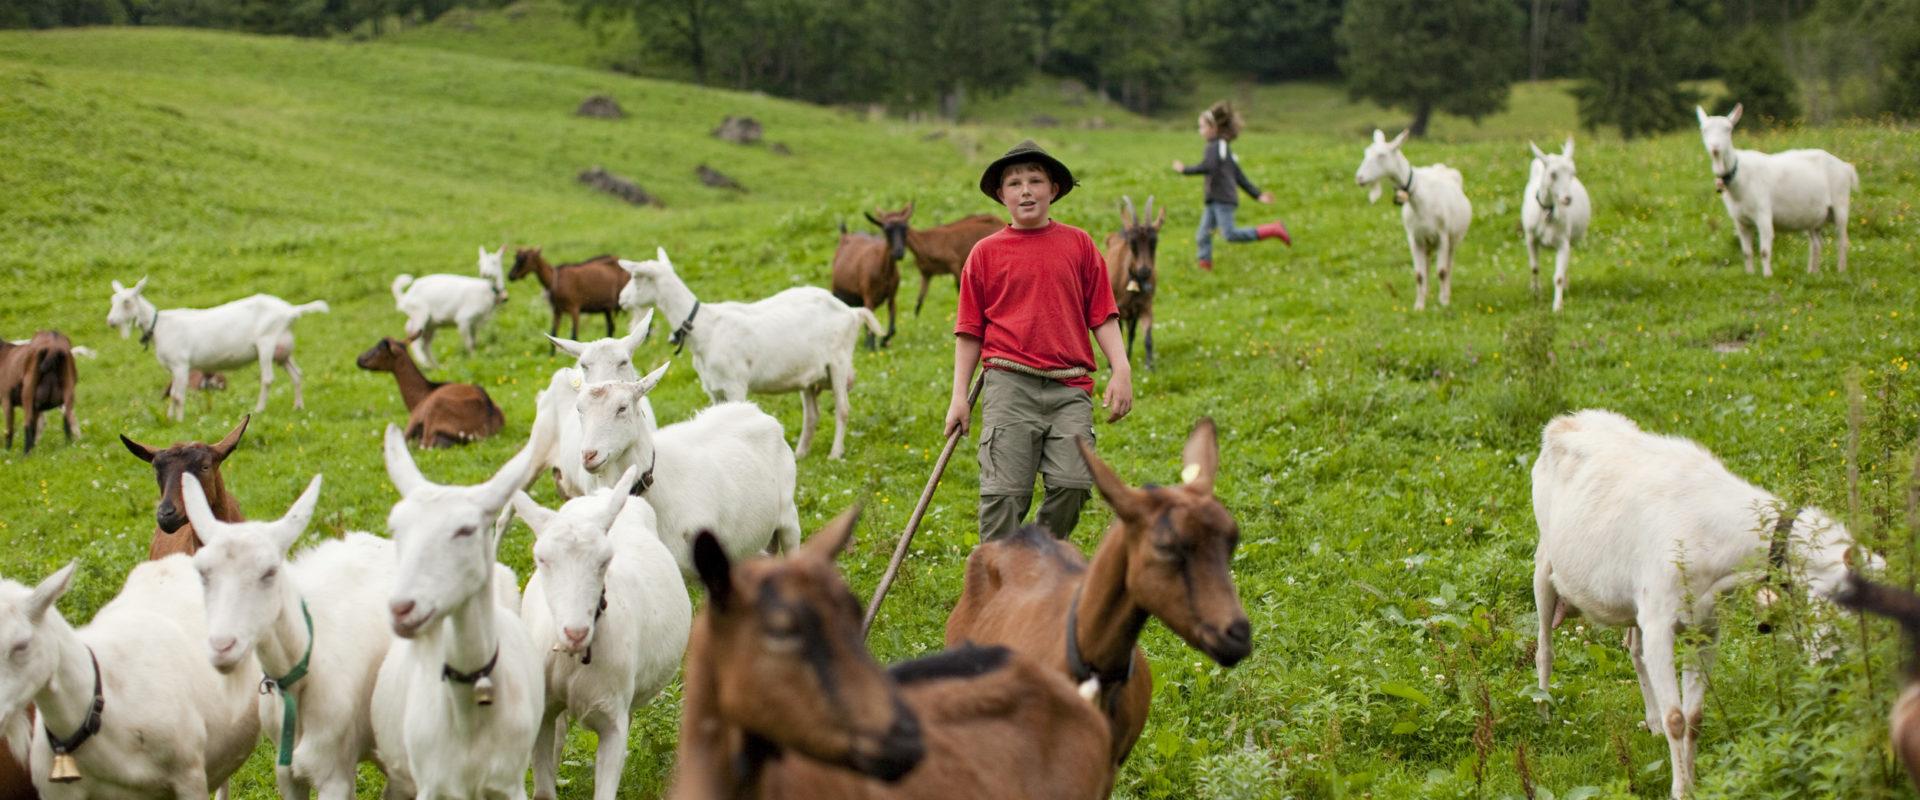 Kinder und Ziegen © Andreas Riedmiller / Bregenzerwald Tourismus